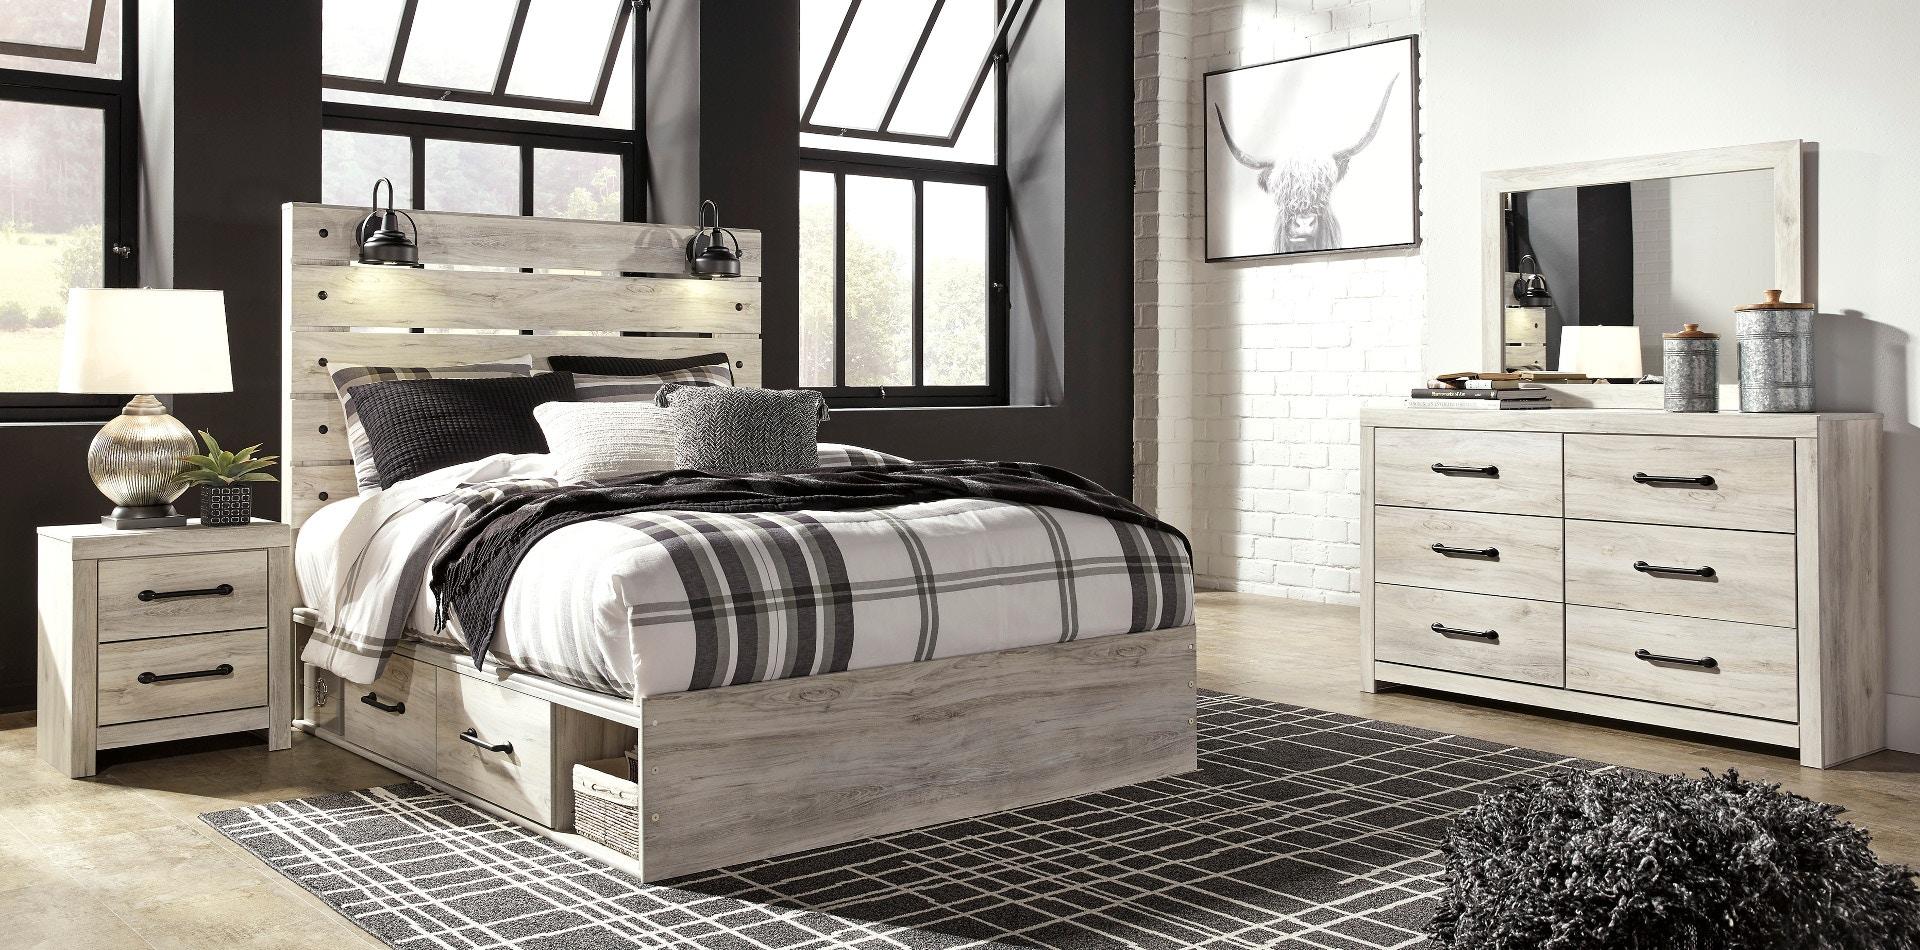 Lindsey\'s Furniture | Northwest Florida\'s Best Bargains on ...